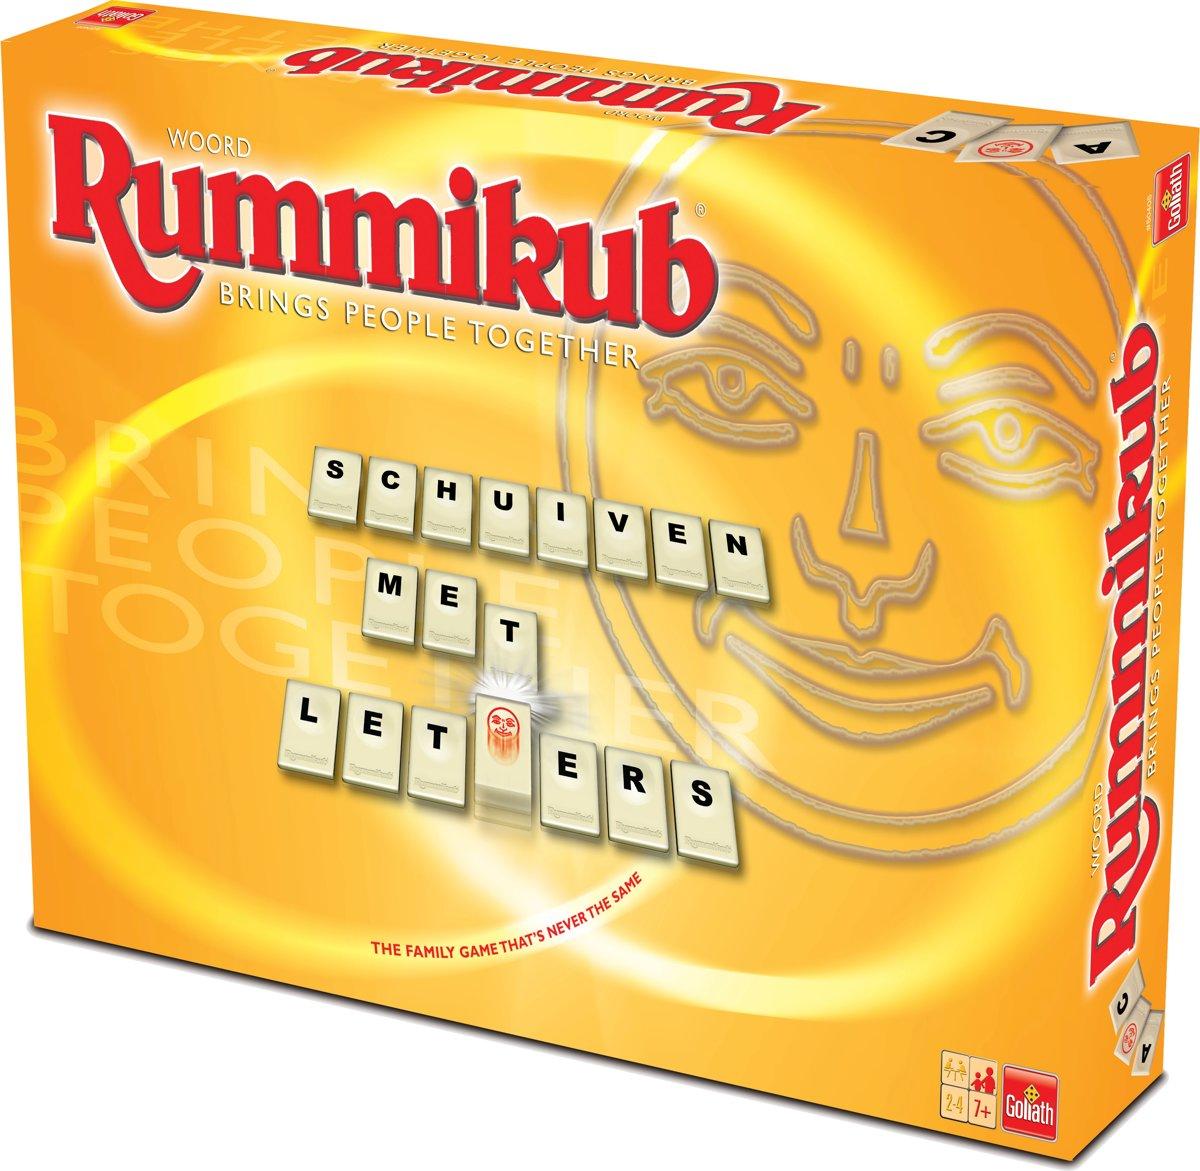 Rummikub Woord